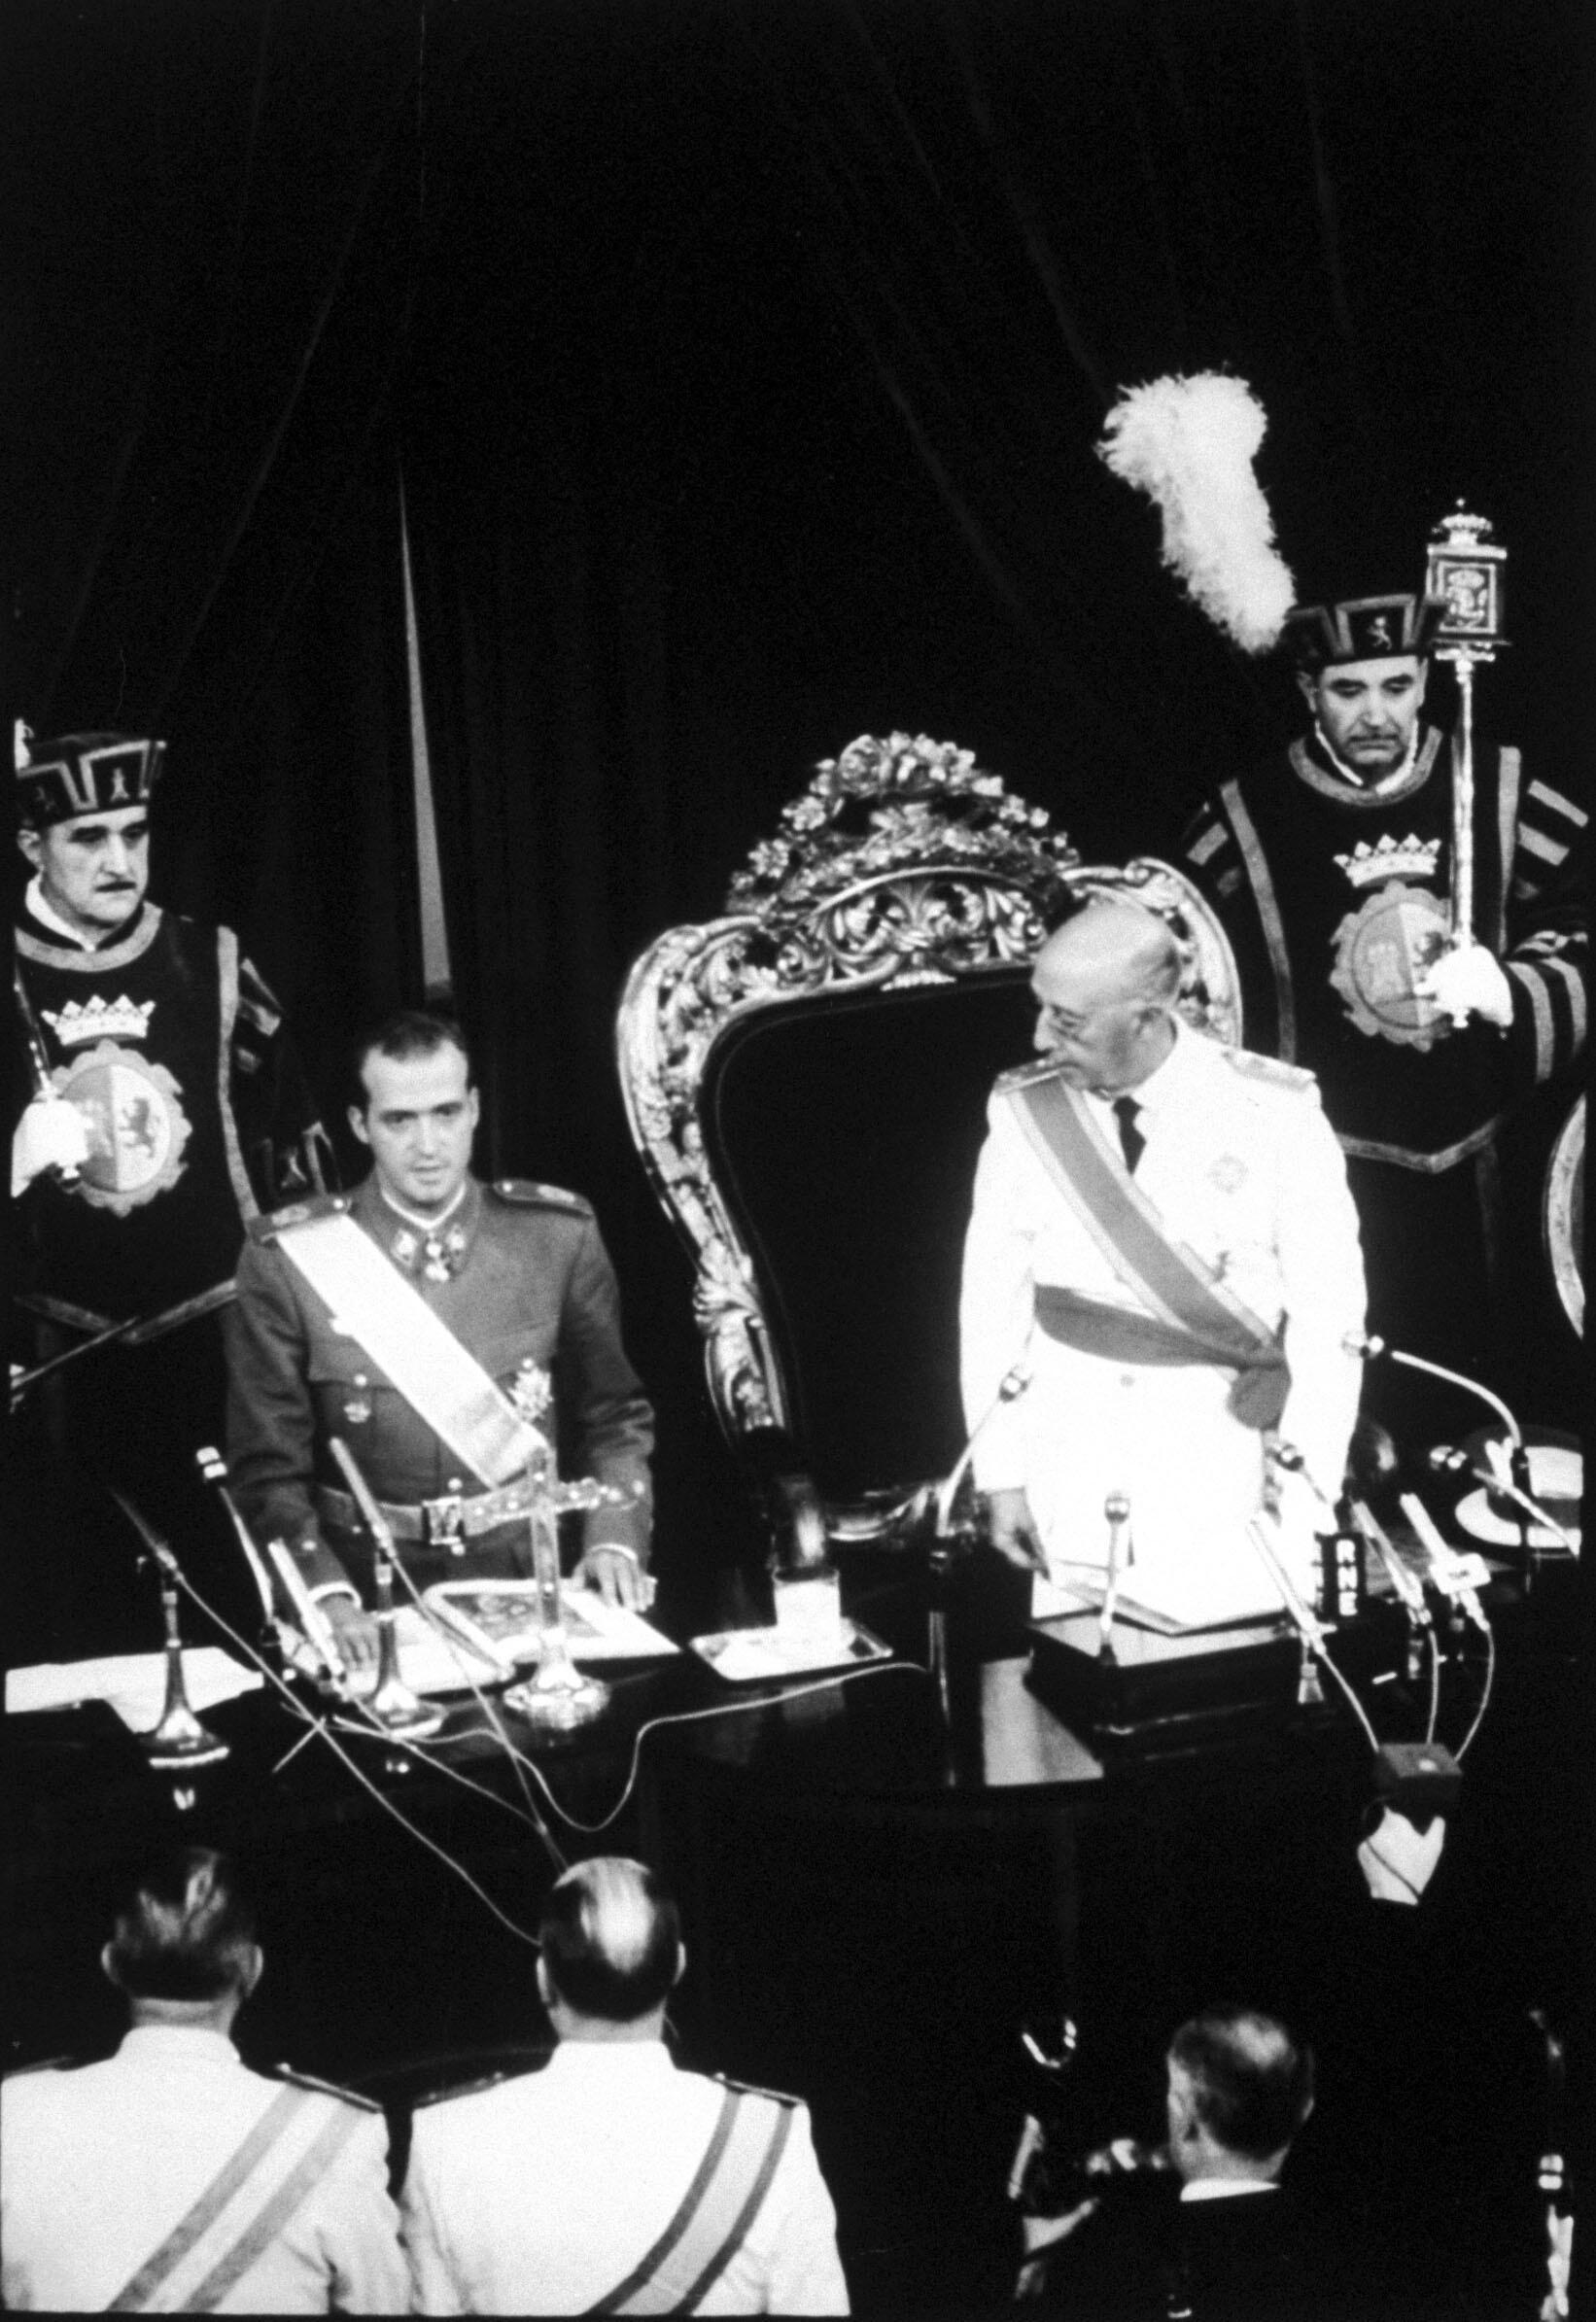 En Espagne en juillet 1969, le général Francisco Franco présente le prince Juan Carlos comme son successeur, au Cortes, en juillet 1969